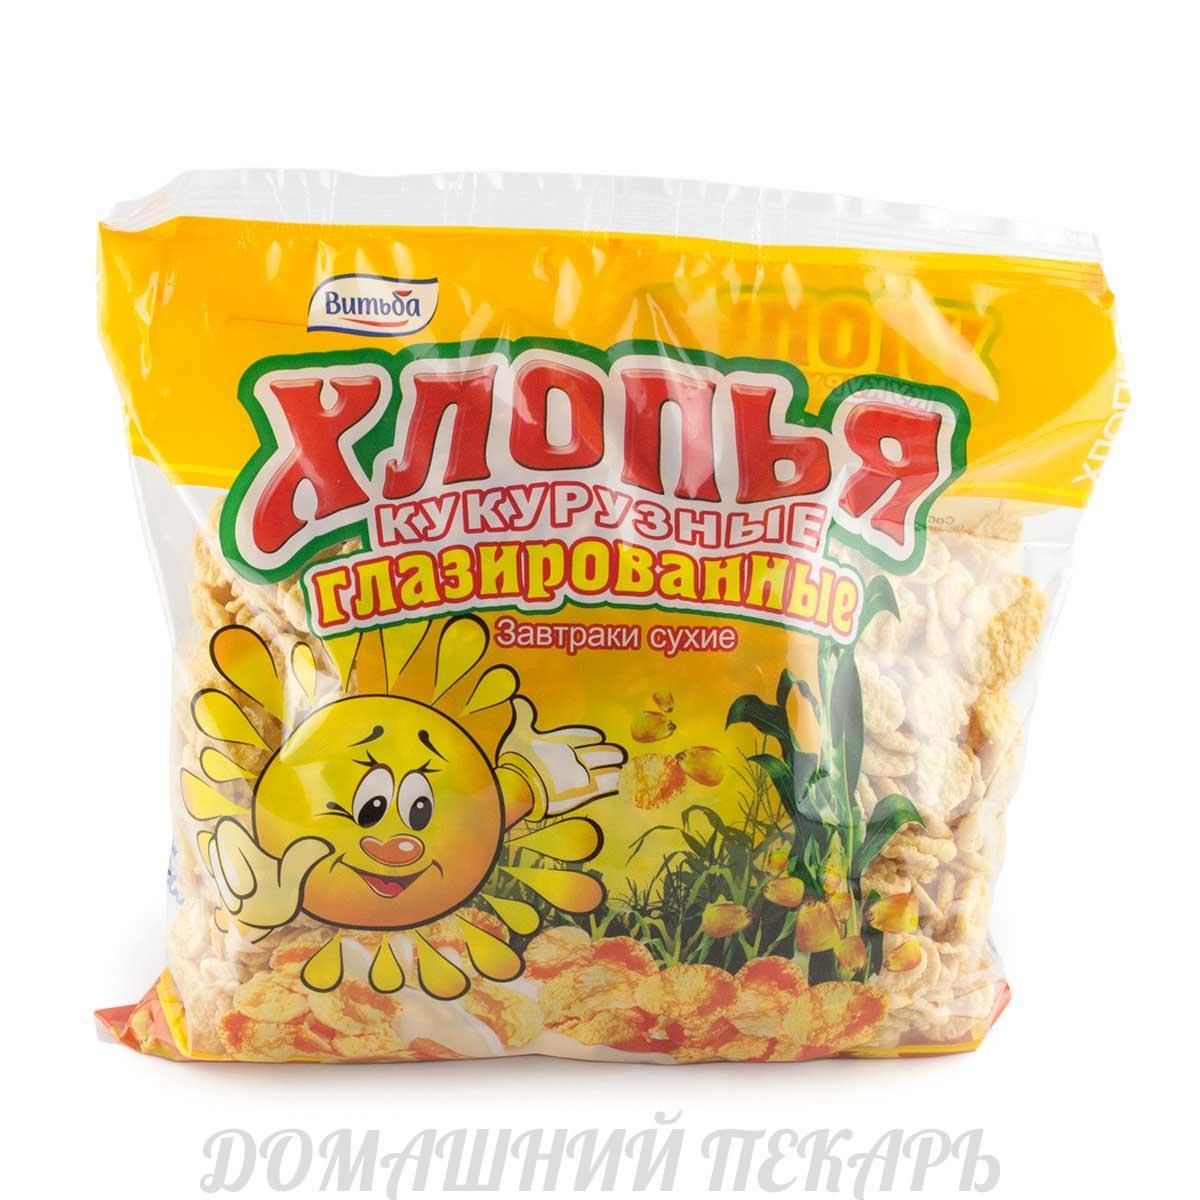 Кукурузные хлопья калорийность, полезные свойства, польза и вред.